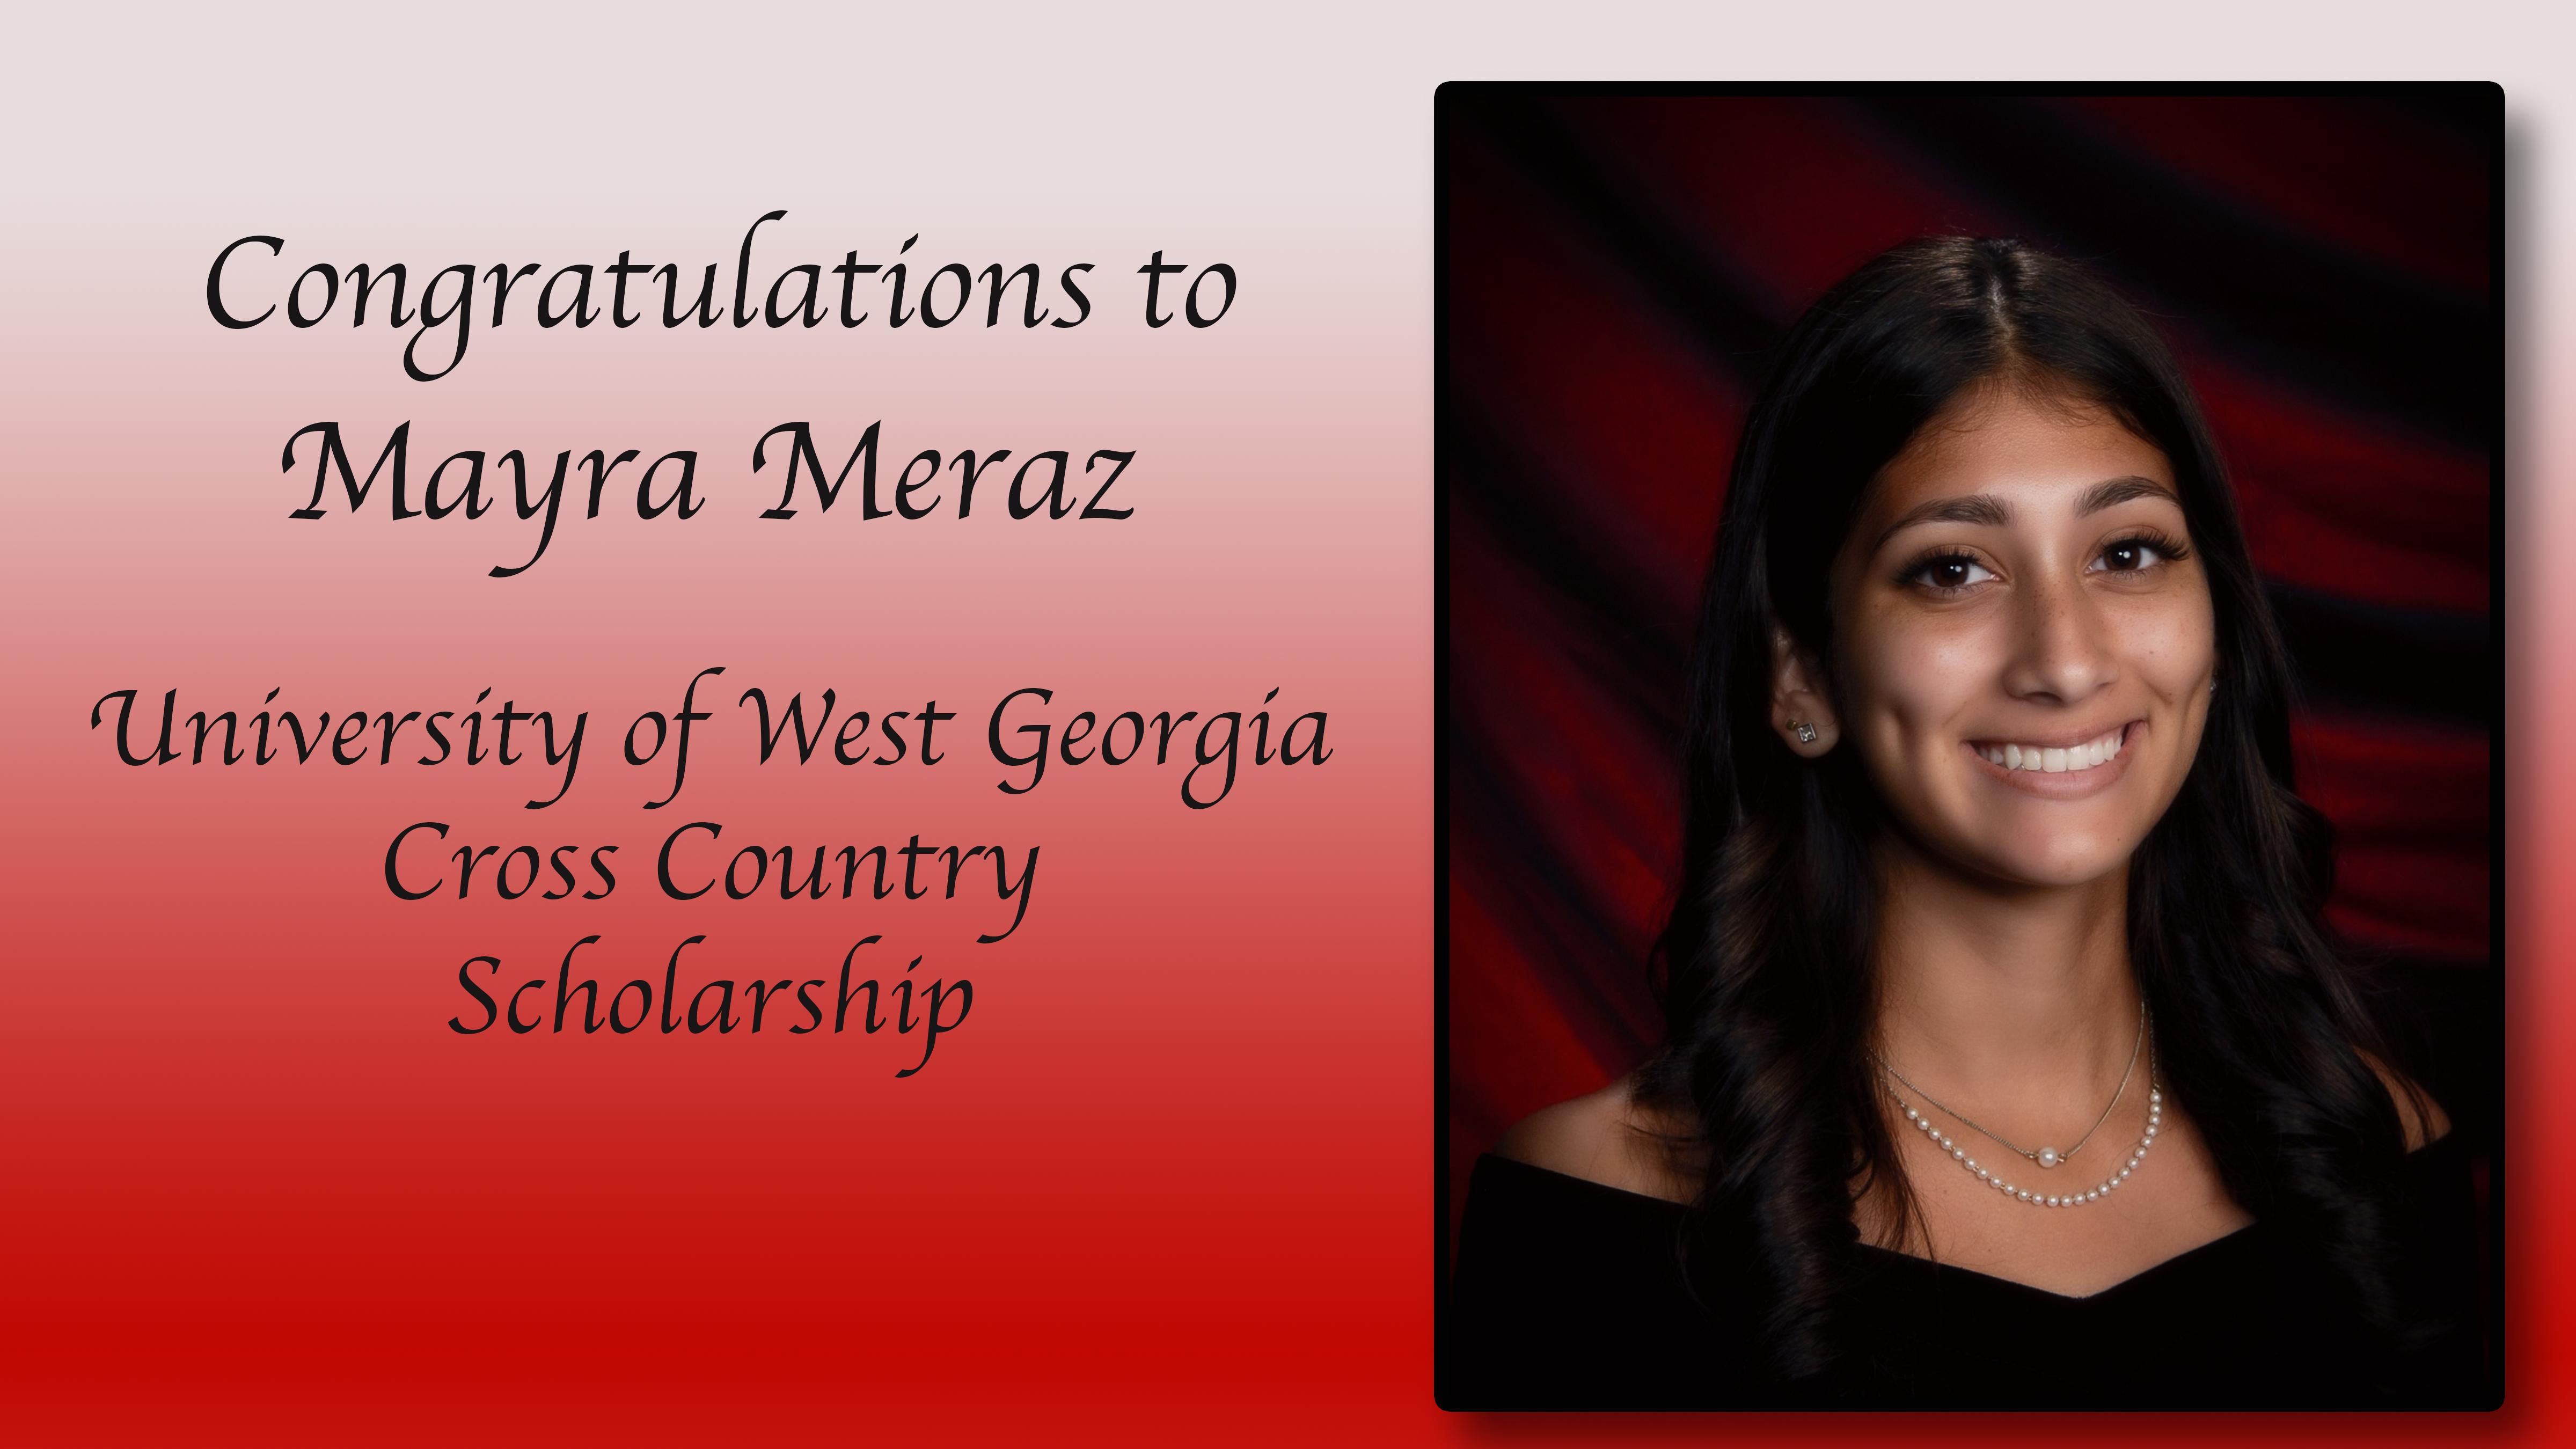 Mayra Meraz Scholarships